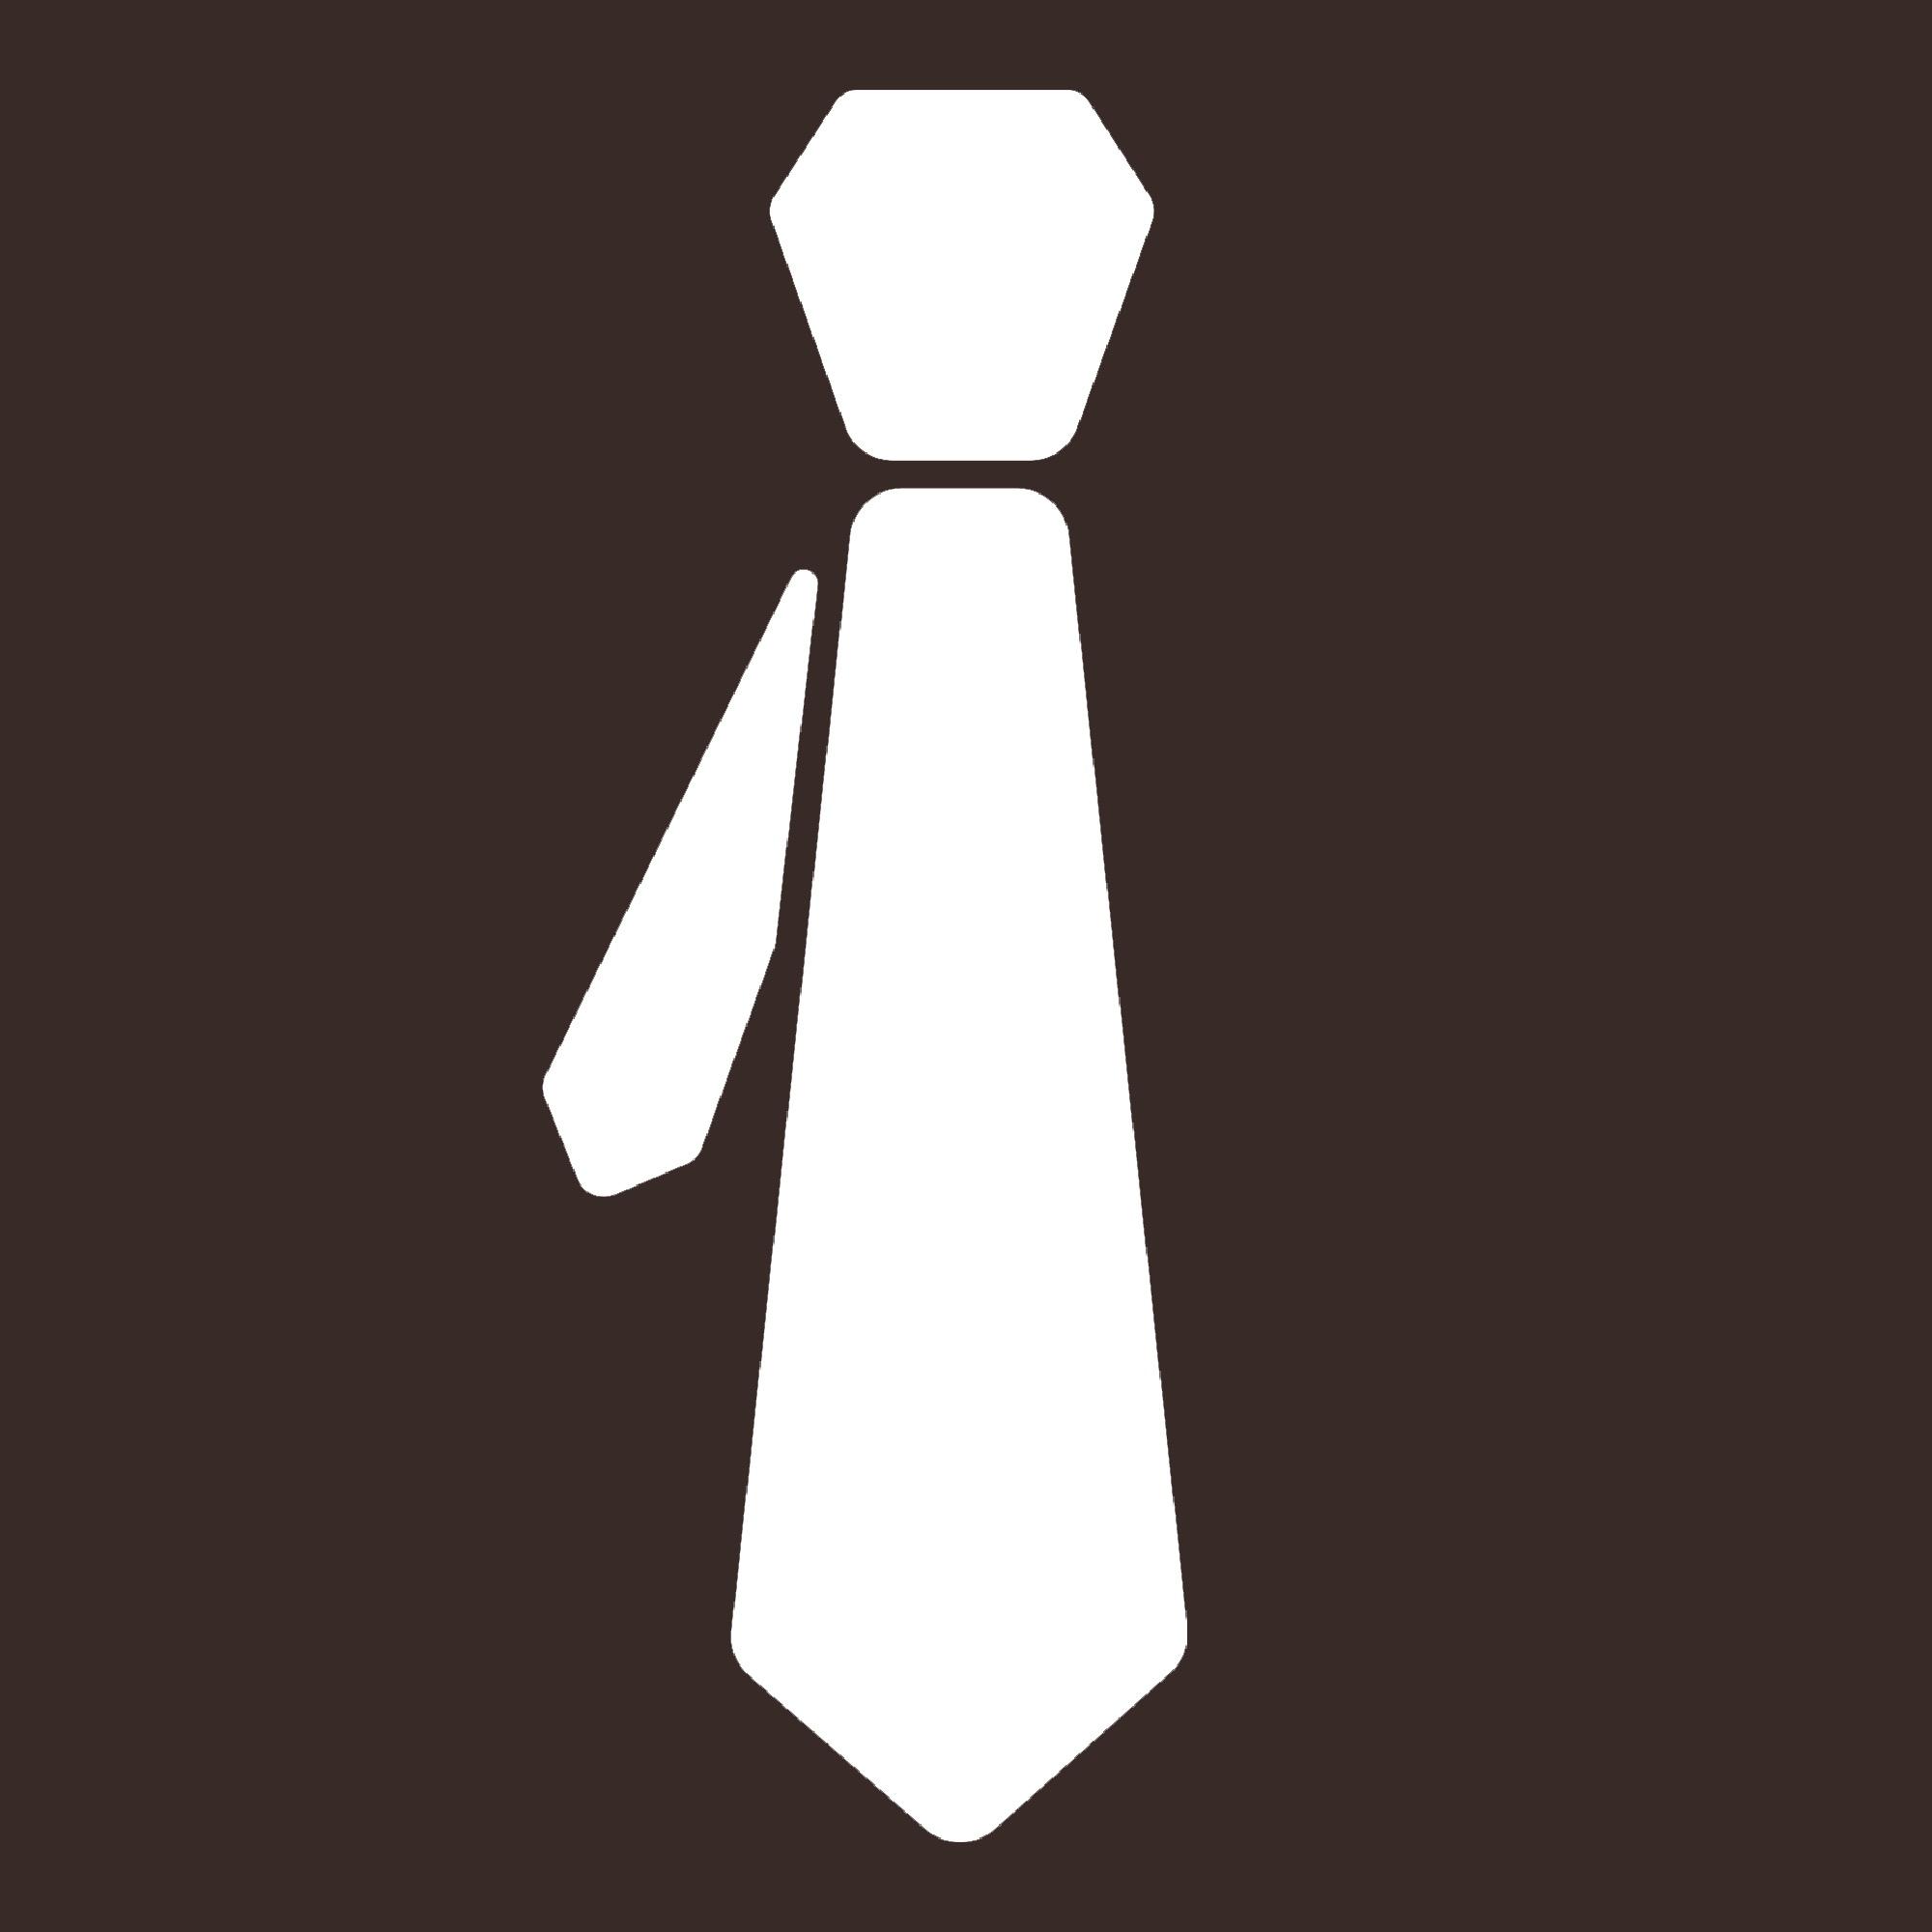 icon_tie